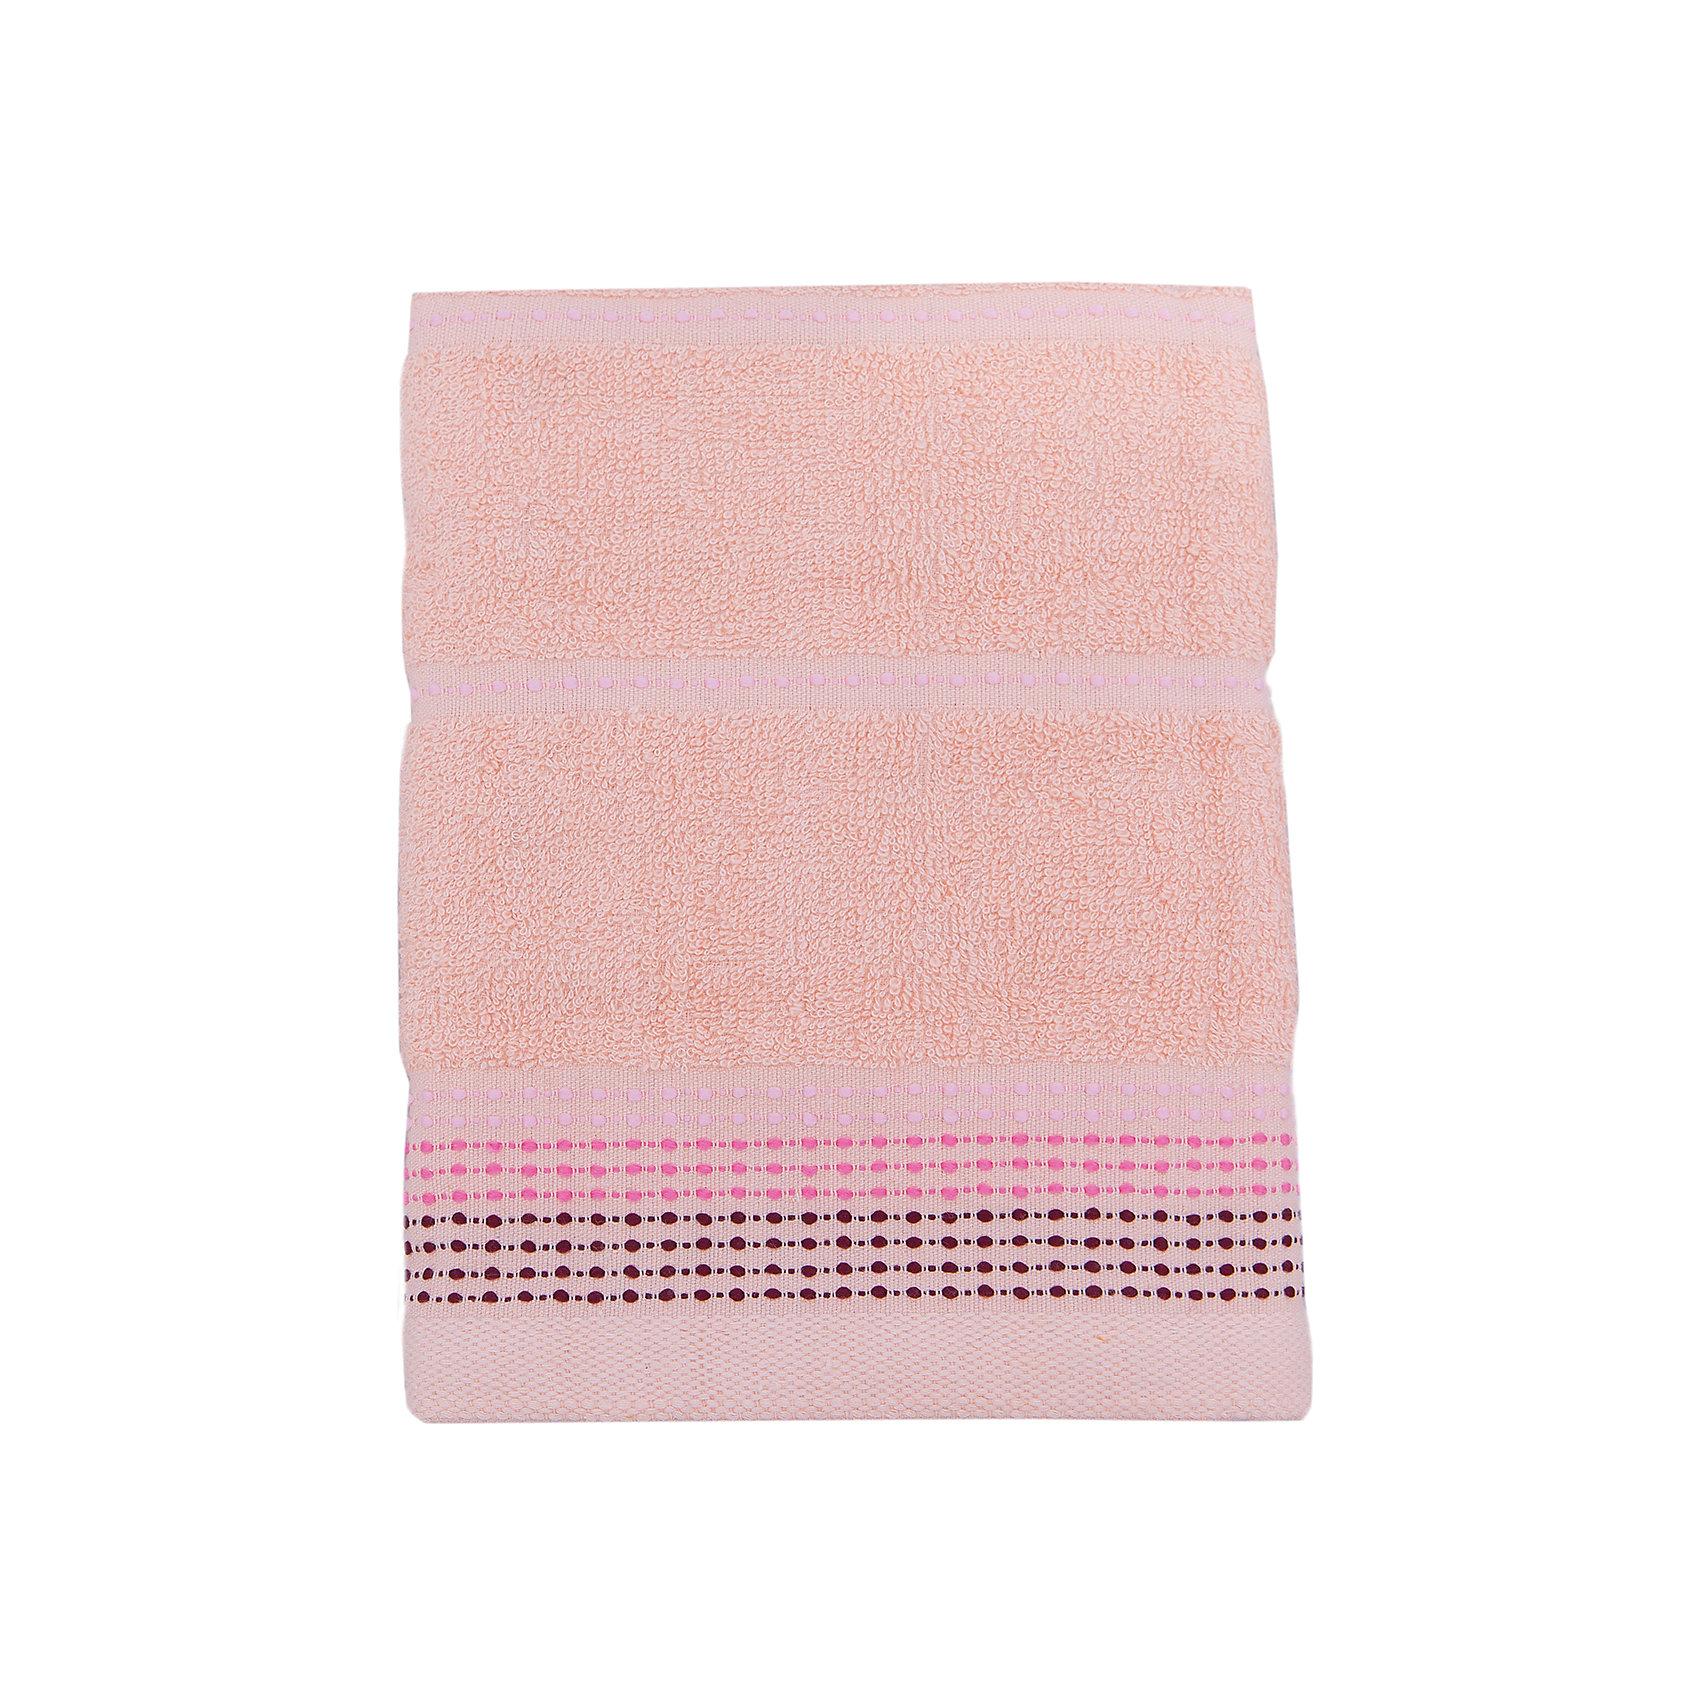 Полотенце махровое Клео 50*90, Любимый дом, оранжевыйМахровое полотенце Клео очень мягкое и приятное телу. Оно изготовлено из качественного хлопка, отлично впитывает влагу. Полотенце украшено контрастной вышивкой по краю. Отлично впишется в вашу ванную комнату.<br><br>Дополнительная информация:<br>Материал: 100% хлопок<br>Цвет: оранжевый<br>Размер: 50х90 см<br>Торговая марка: Любимый дом<br><br>Вы можете приобрести махровое полотенце Клео в нашем интернет-магазине.<br><br>Ширина мм: 500<br>Глубина мм: 500<br>Высота мм: 200<br>Вес г: 250<br>Возраст от месяцев: 0<br>Возраст до месяцев: 144<br>Пол: Унисекс<br>Возраст: Детский<br>SKU: 5010956